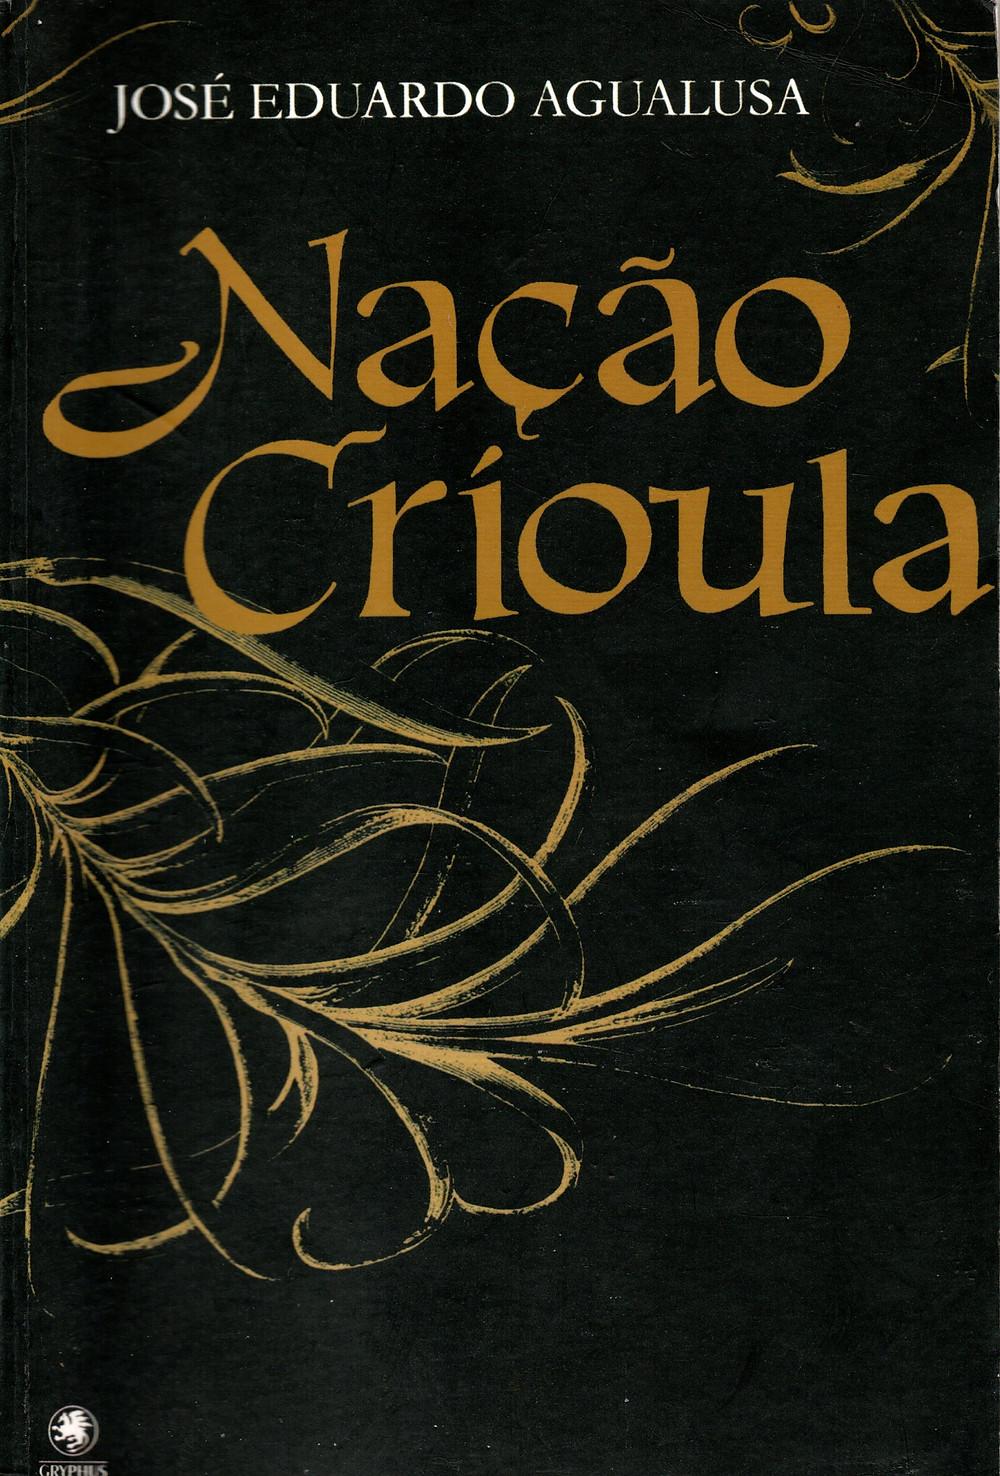 Nação Crioula de José Eduardo Agualusa